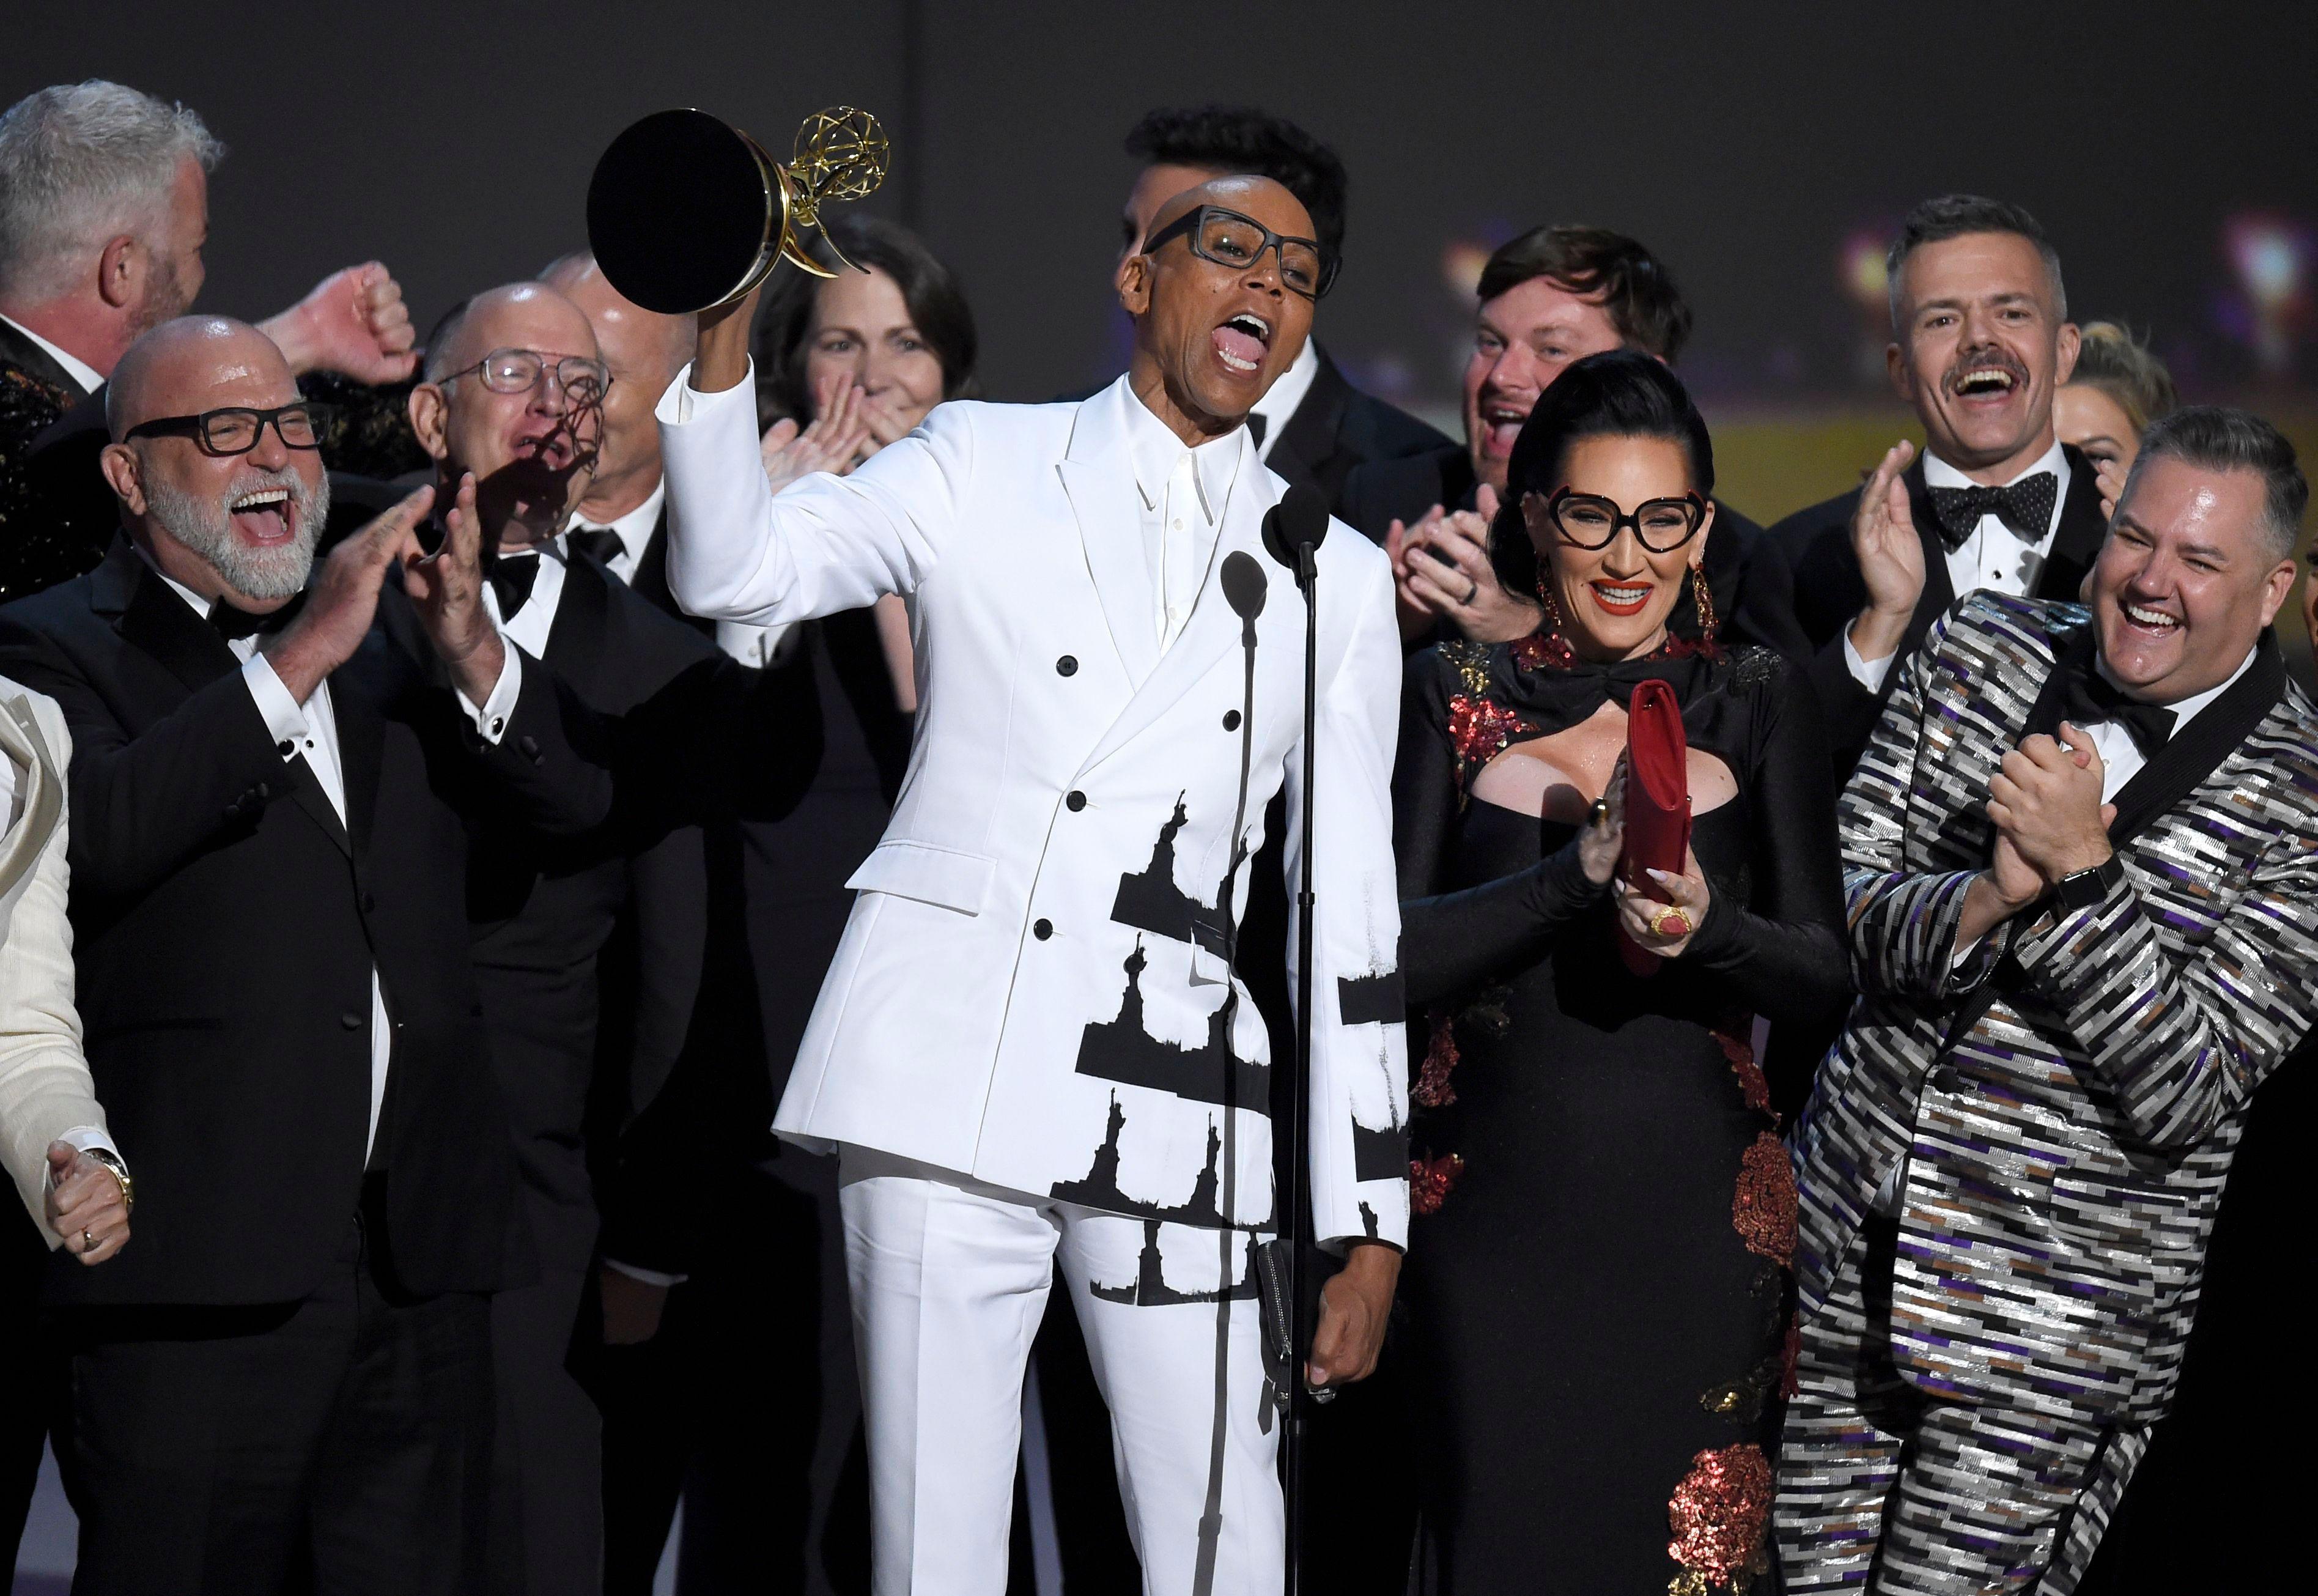 2018 Primetime Emmy Awards - Show, Los Angeles, USA - 17 Sep 2018